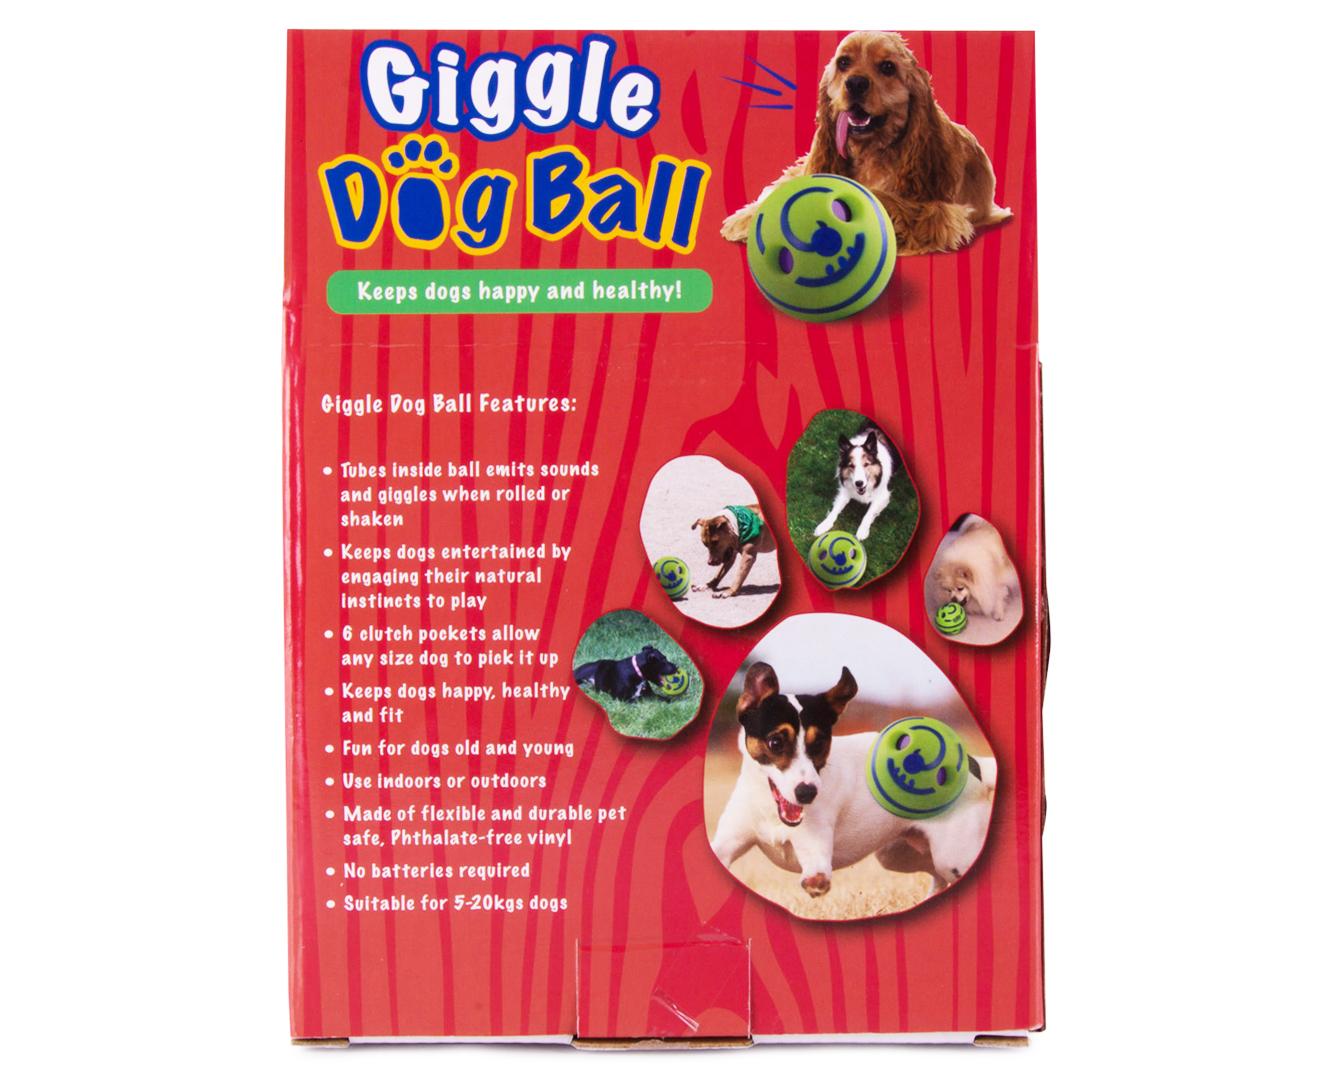 Giggle Dog Ball Catch Com Au